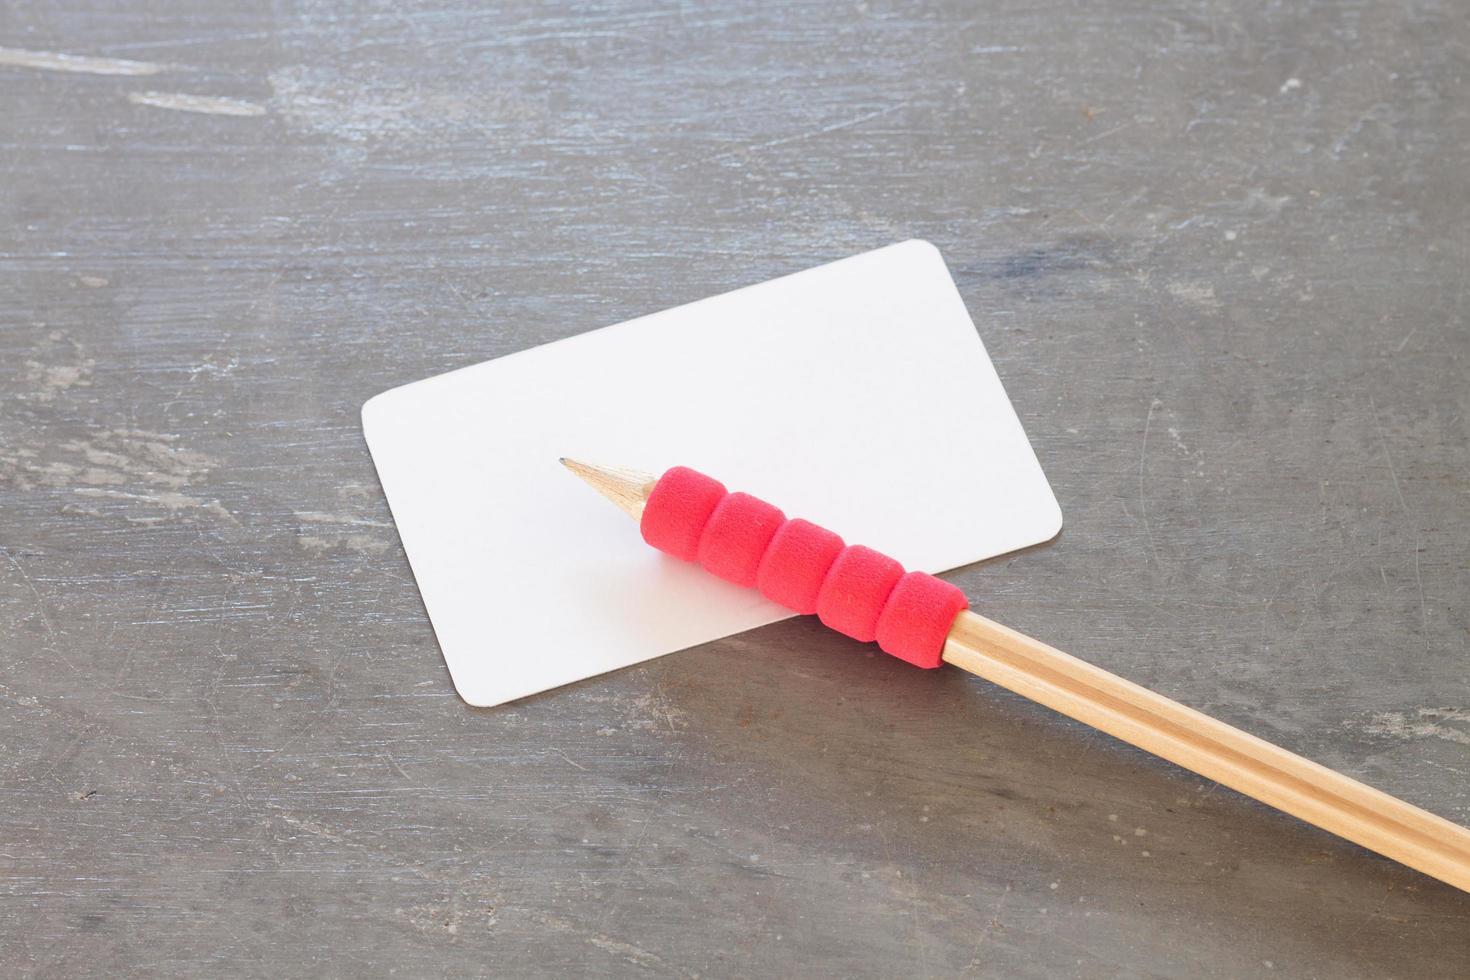 naamkaartje met een potlood foto